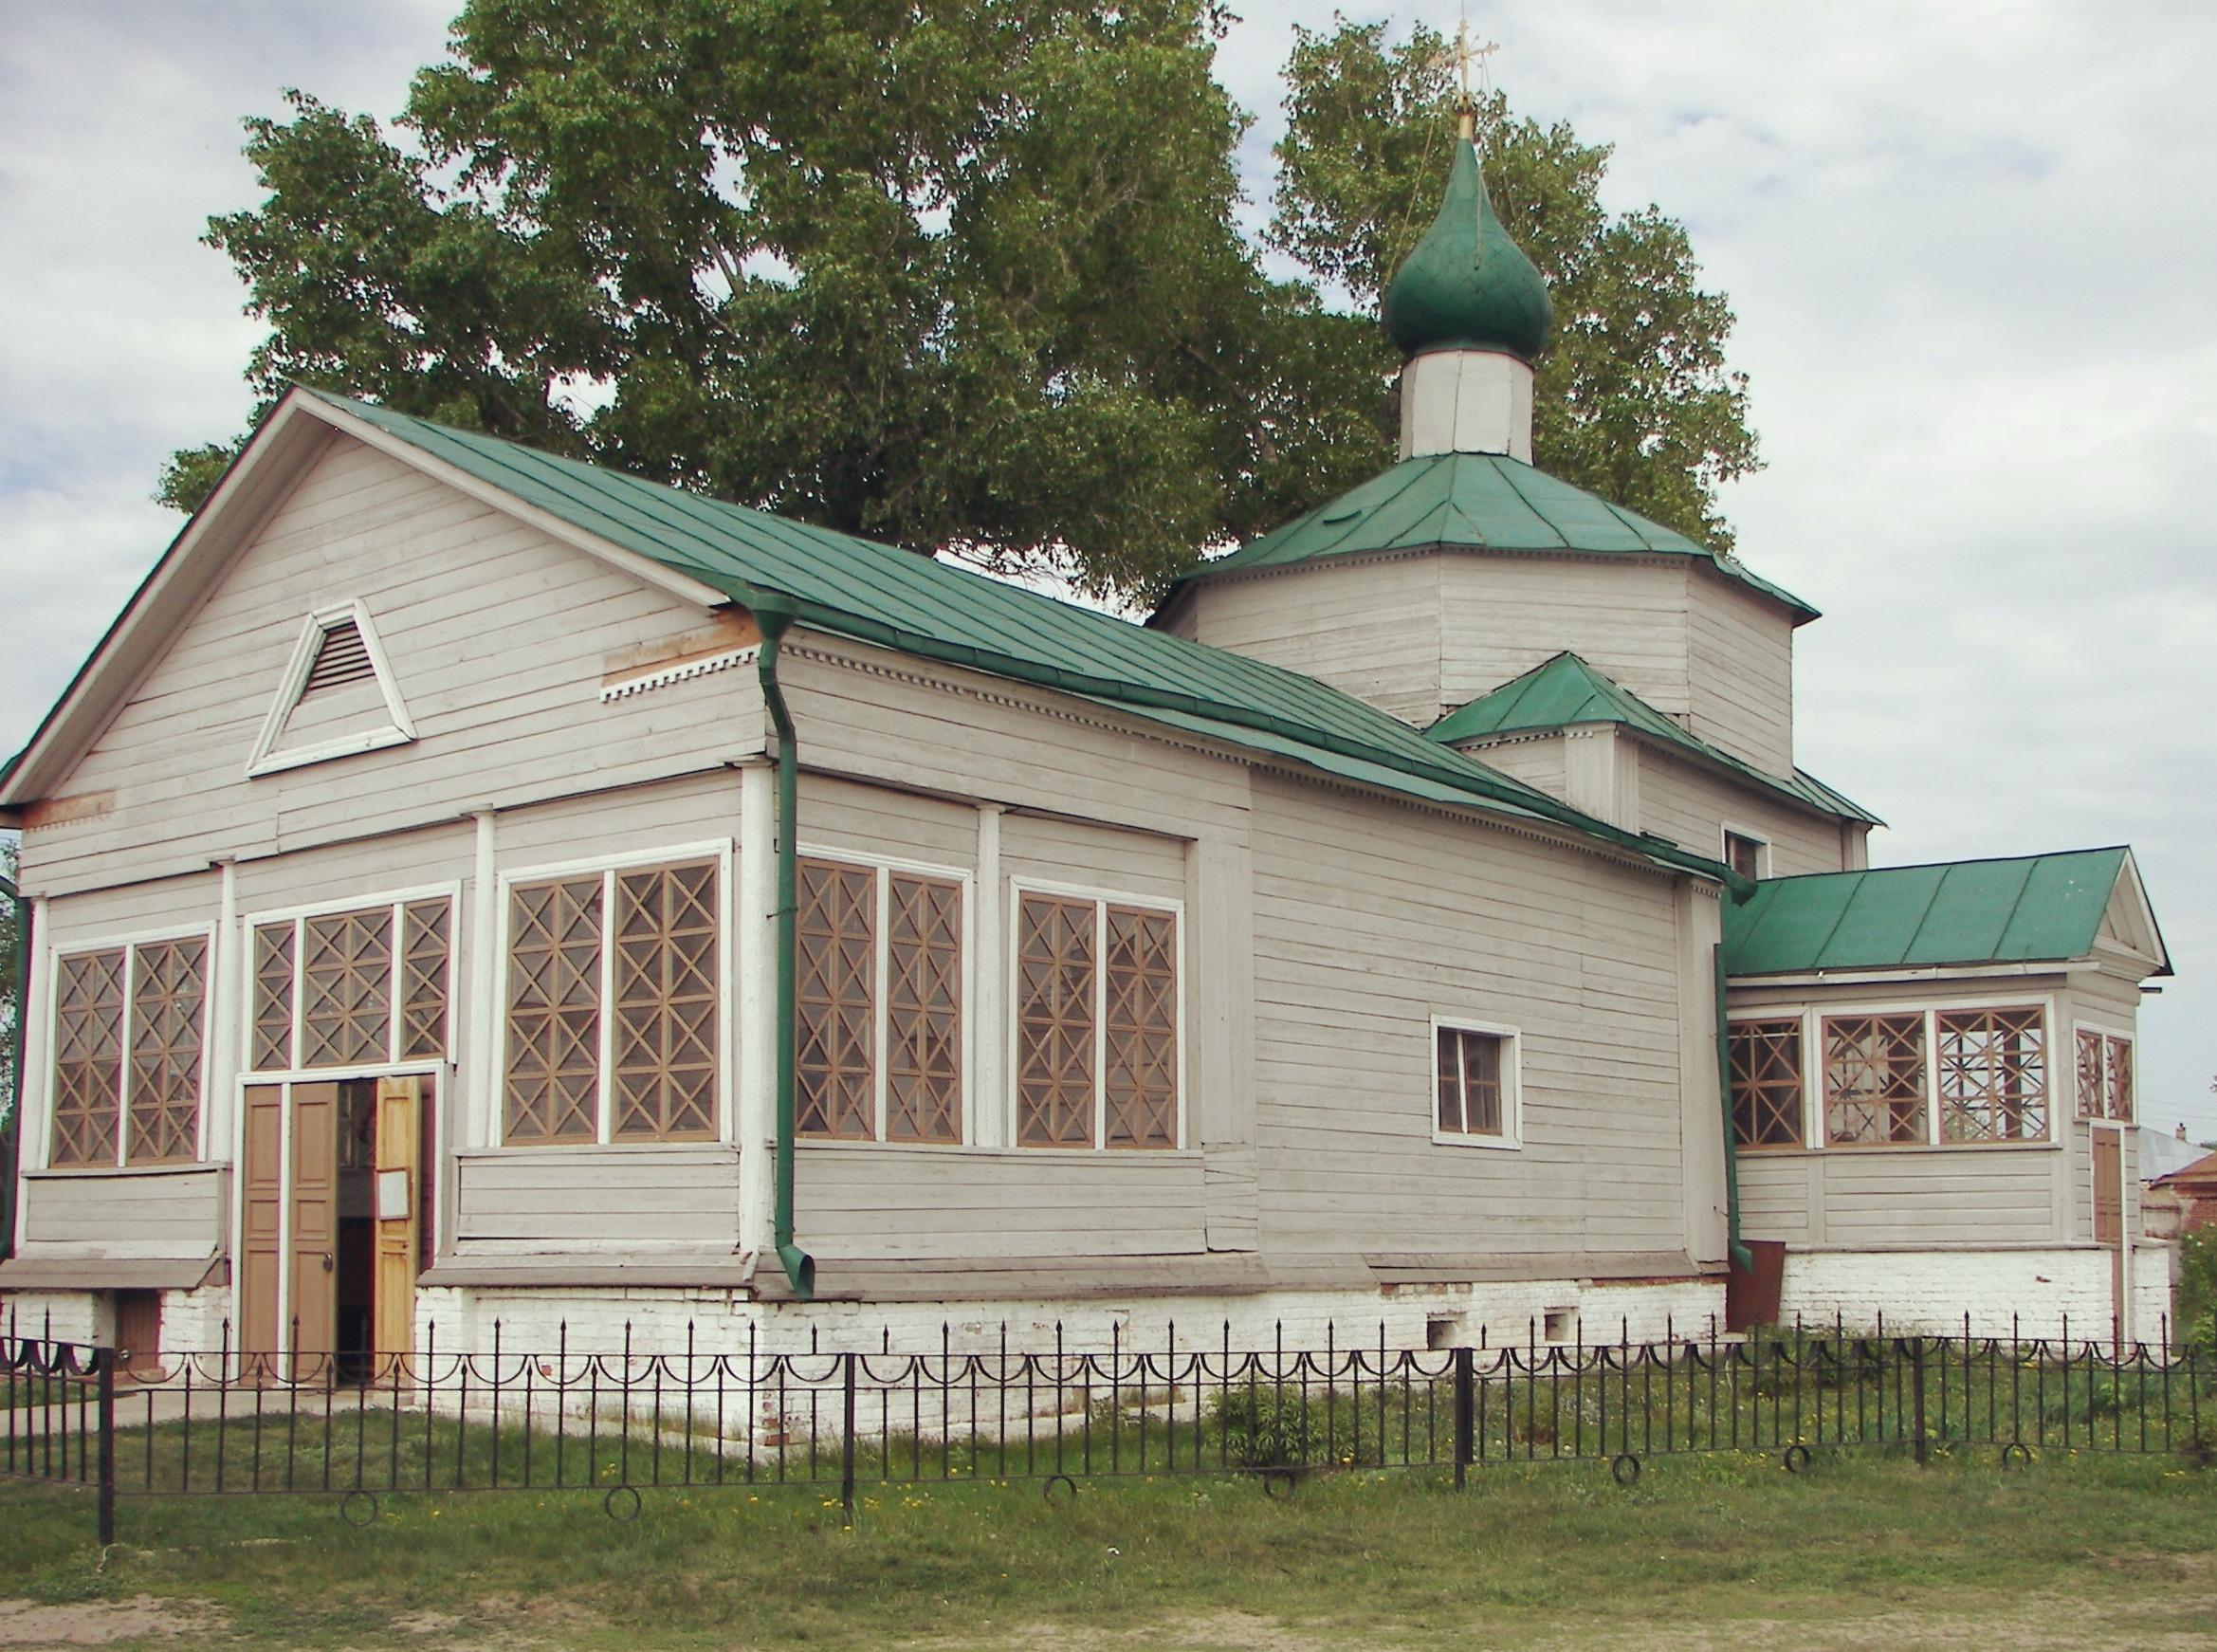 Церковь Троицы Живоначальной в облике конца 19 века.